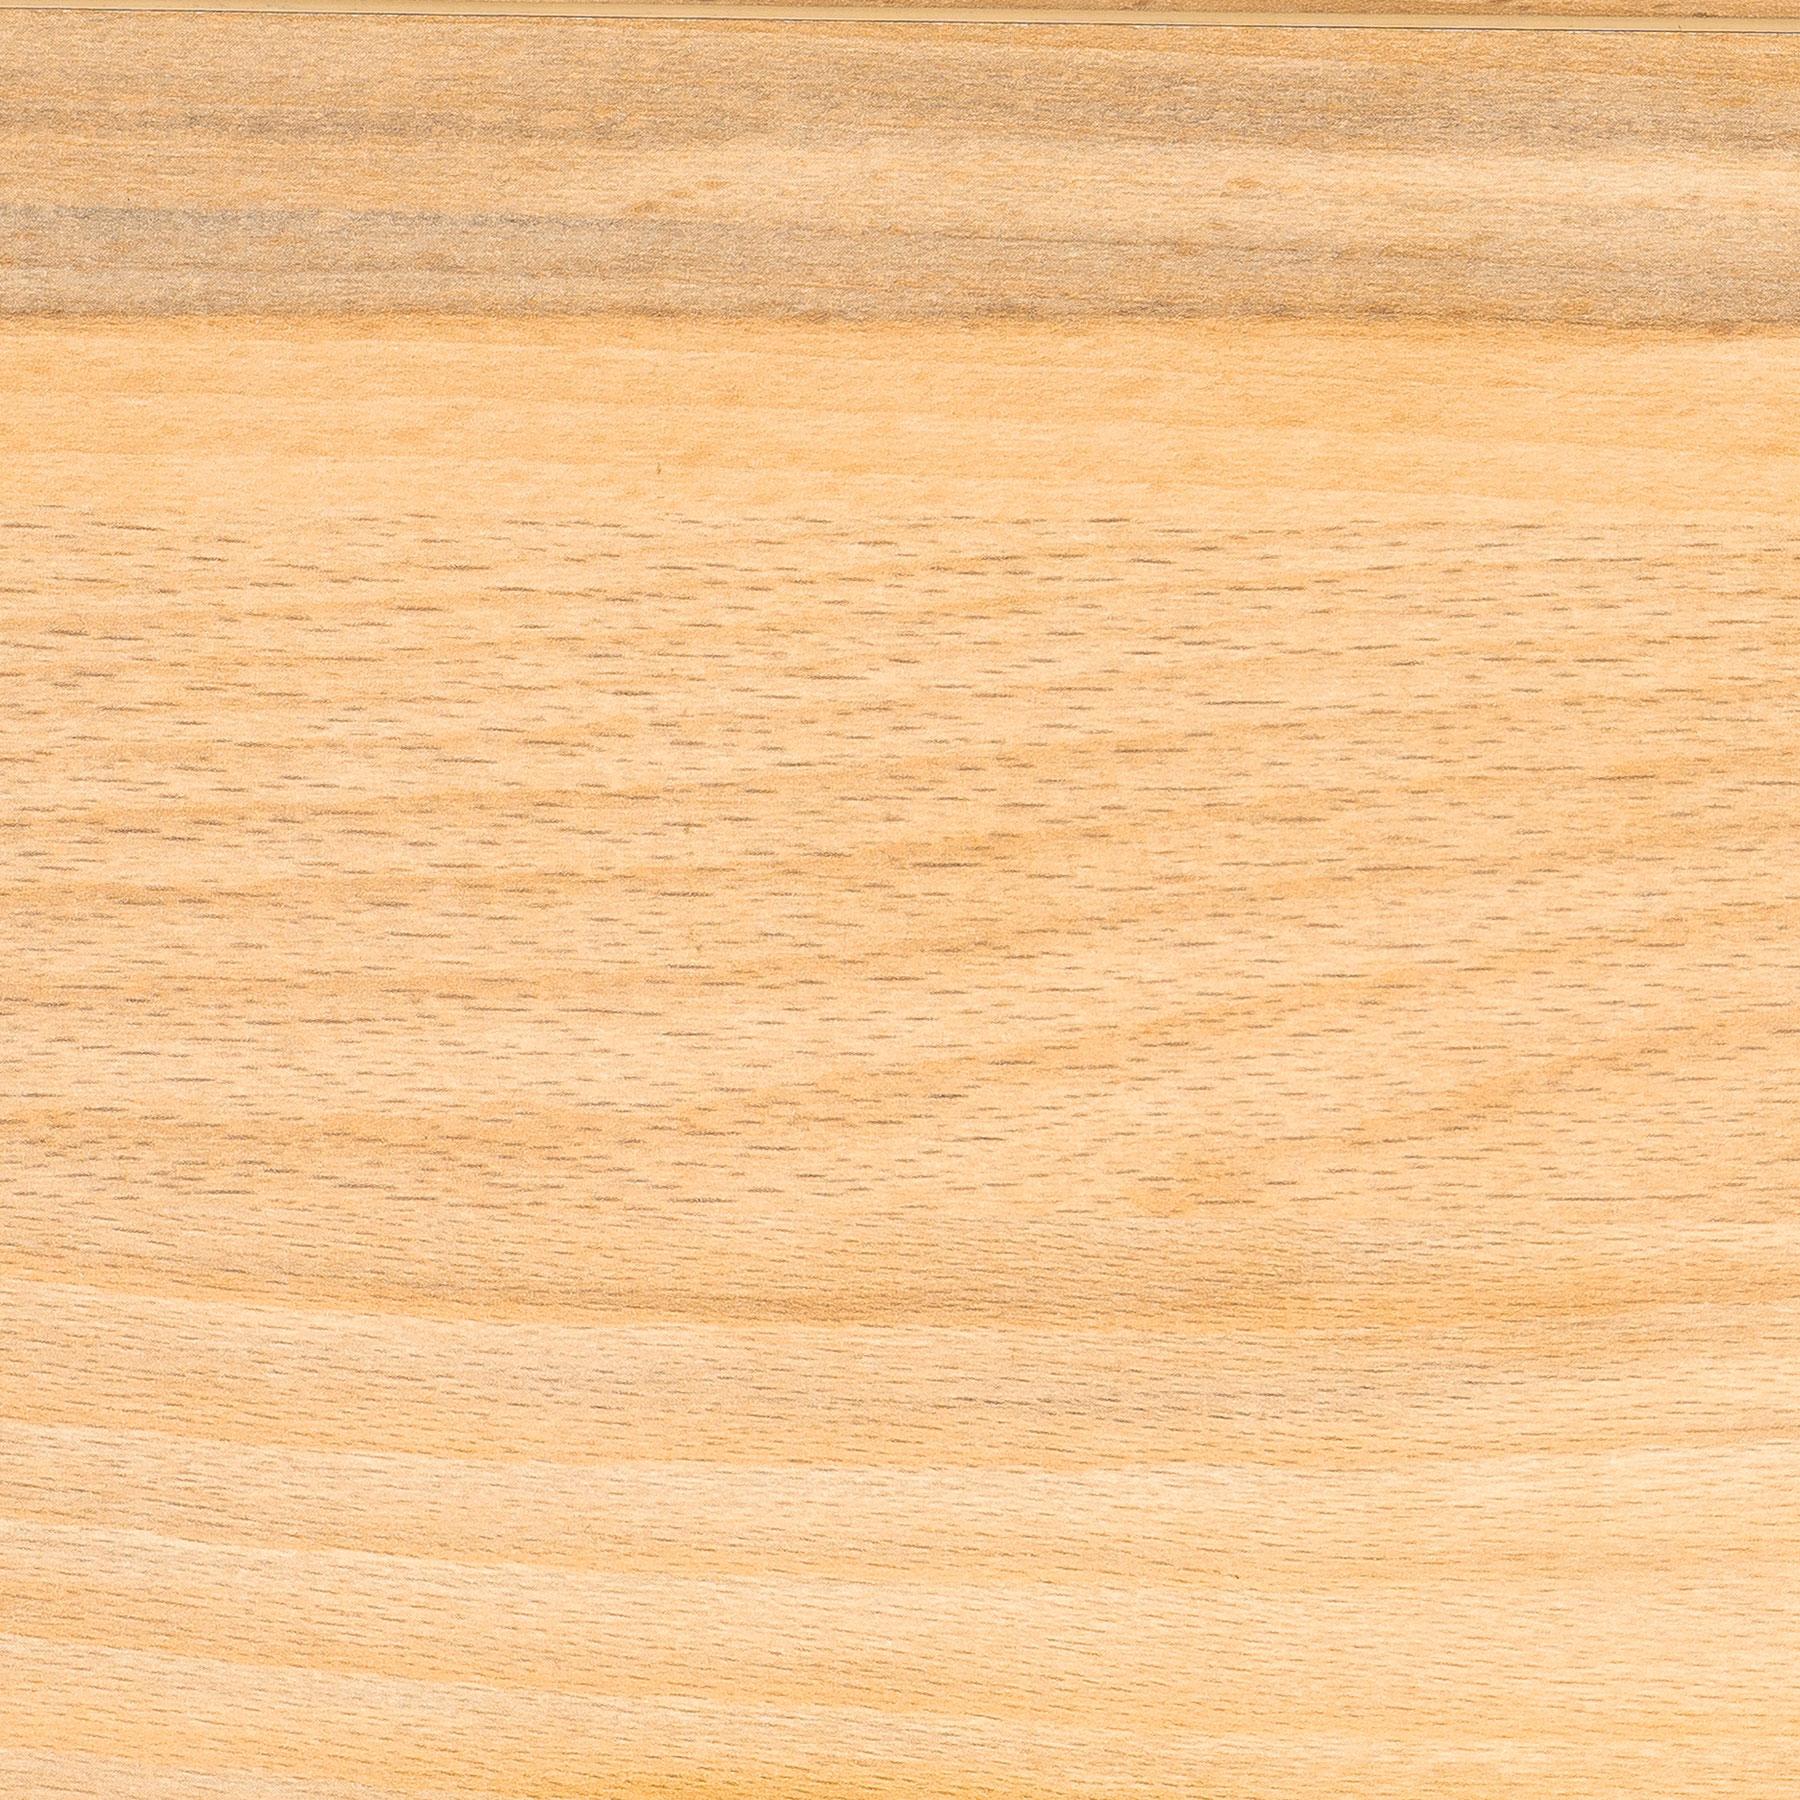 Full Size of Regal Kernbuche Levandeo Hashtag 75x75cm Wandregal Holz Für Kleidung Metall Kanban Gebrauchte Regale Kleiderschrank Weiße Kleines Mit Schubladen Kaufen Regal Regal Kernbuche